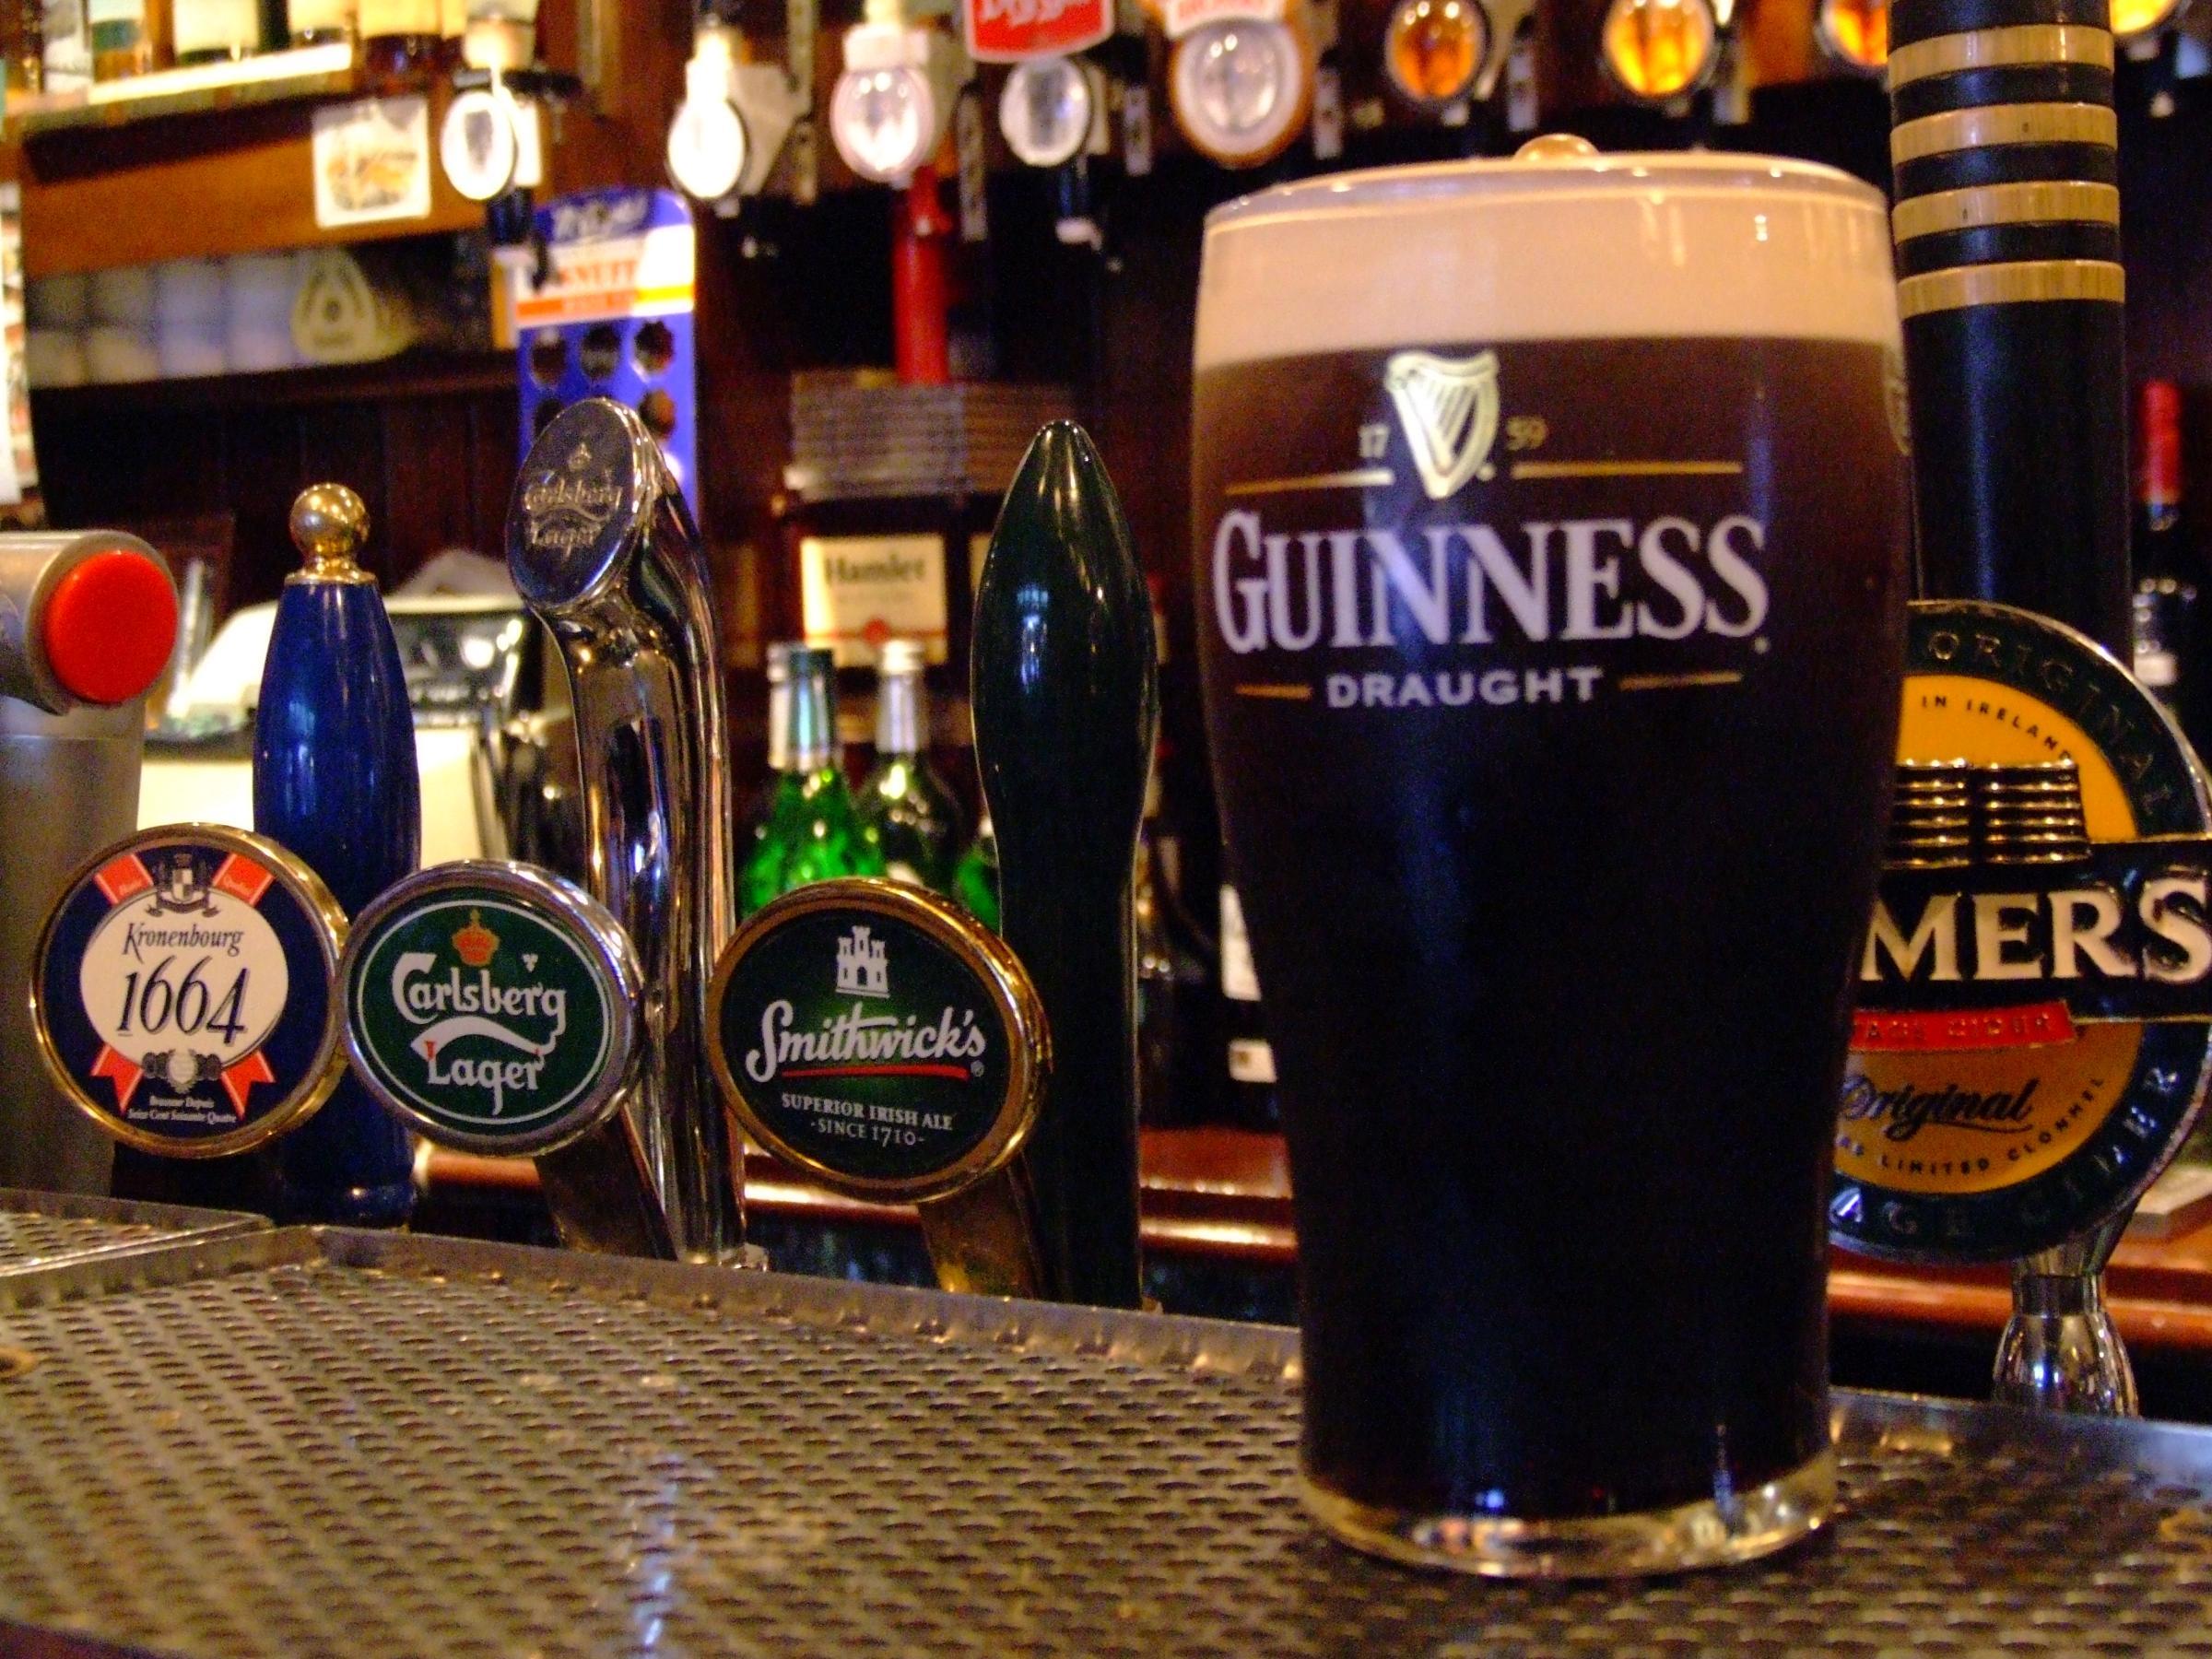 Beer drinkers destination dublin ireland guinness beer pint for Guinness beer in ireland